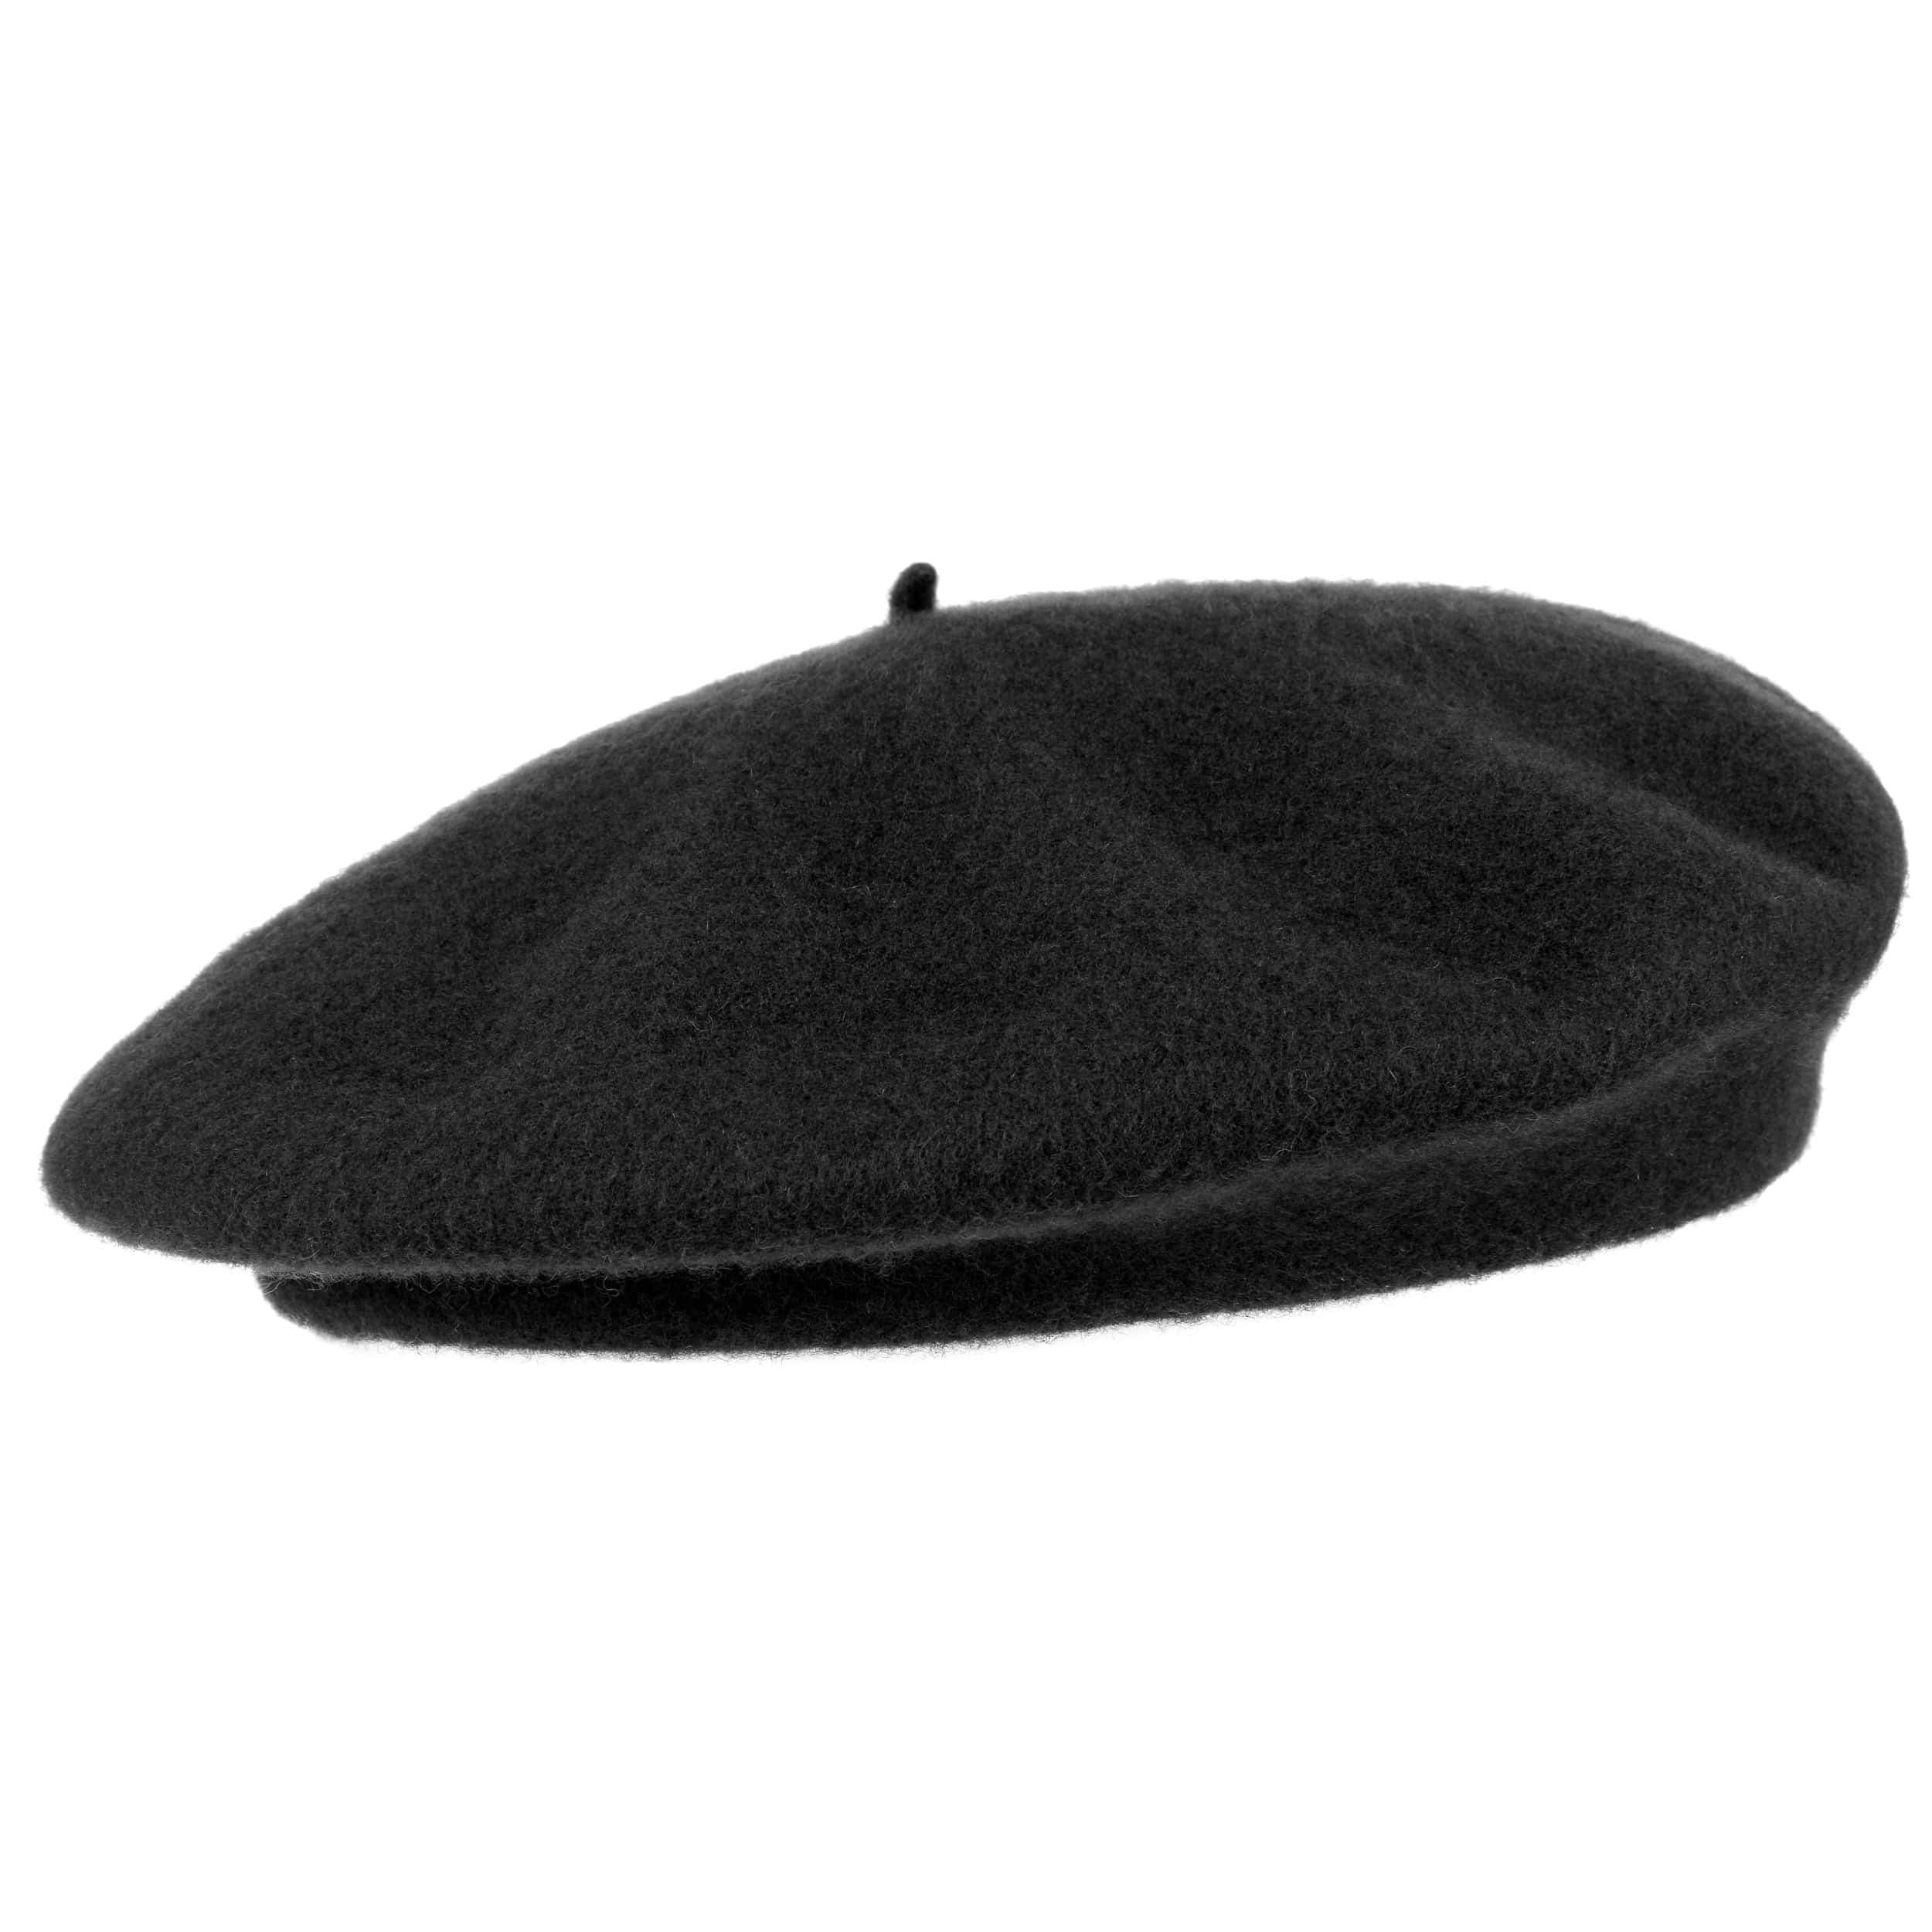 Béret Luka pour Enfant, EUR 19,95 --  Chapeaux, casquettes et ... 61579c1f369